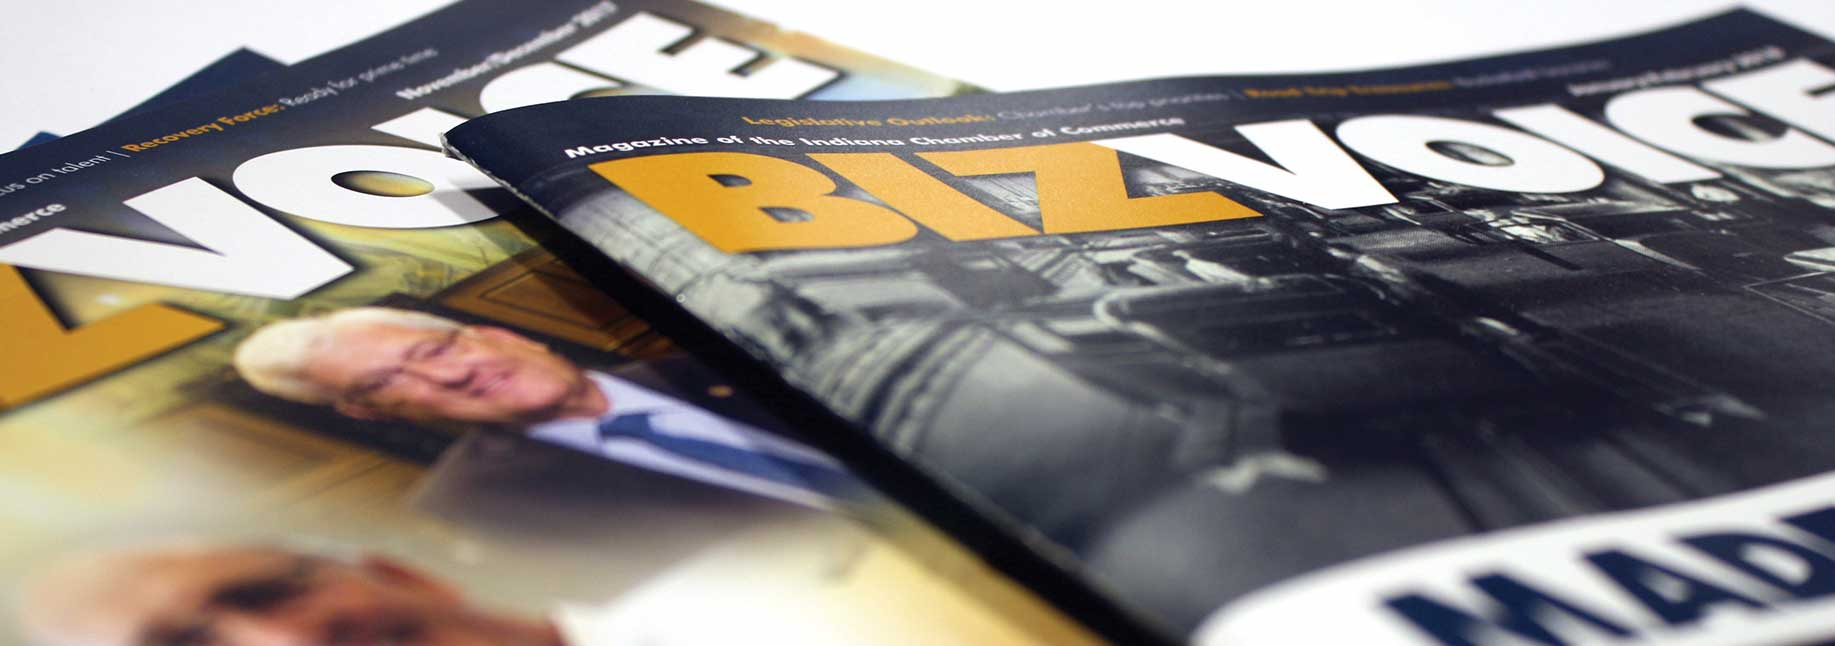 BizVoice Magazine